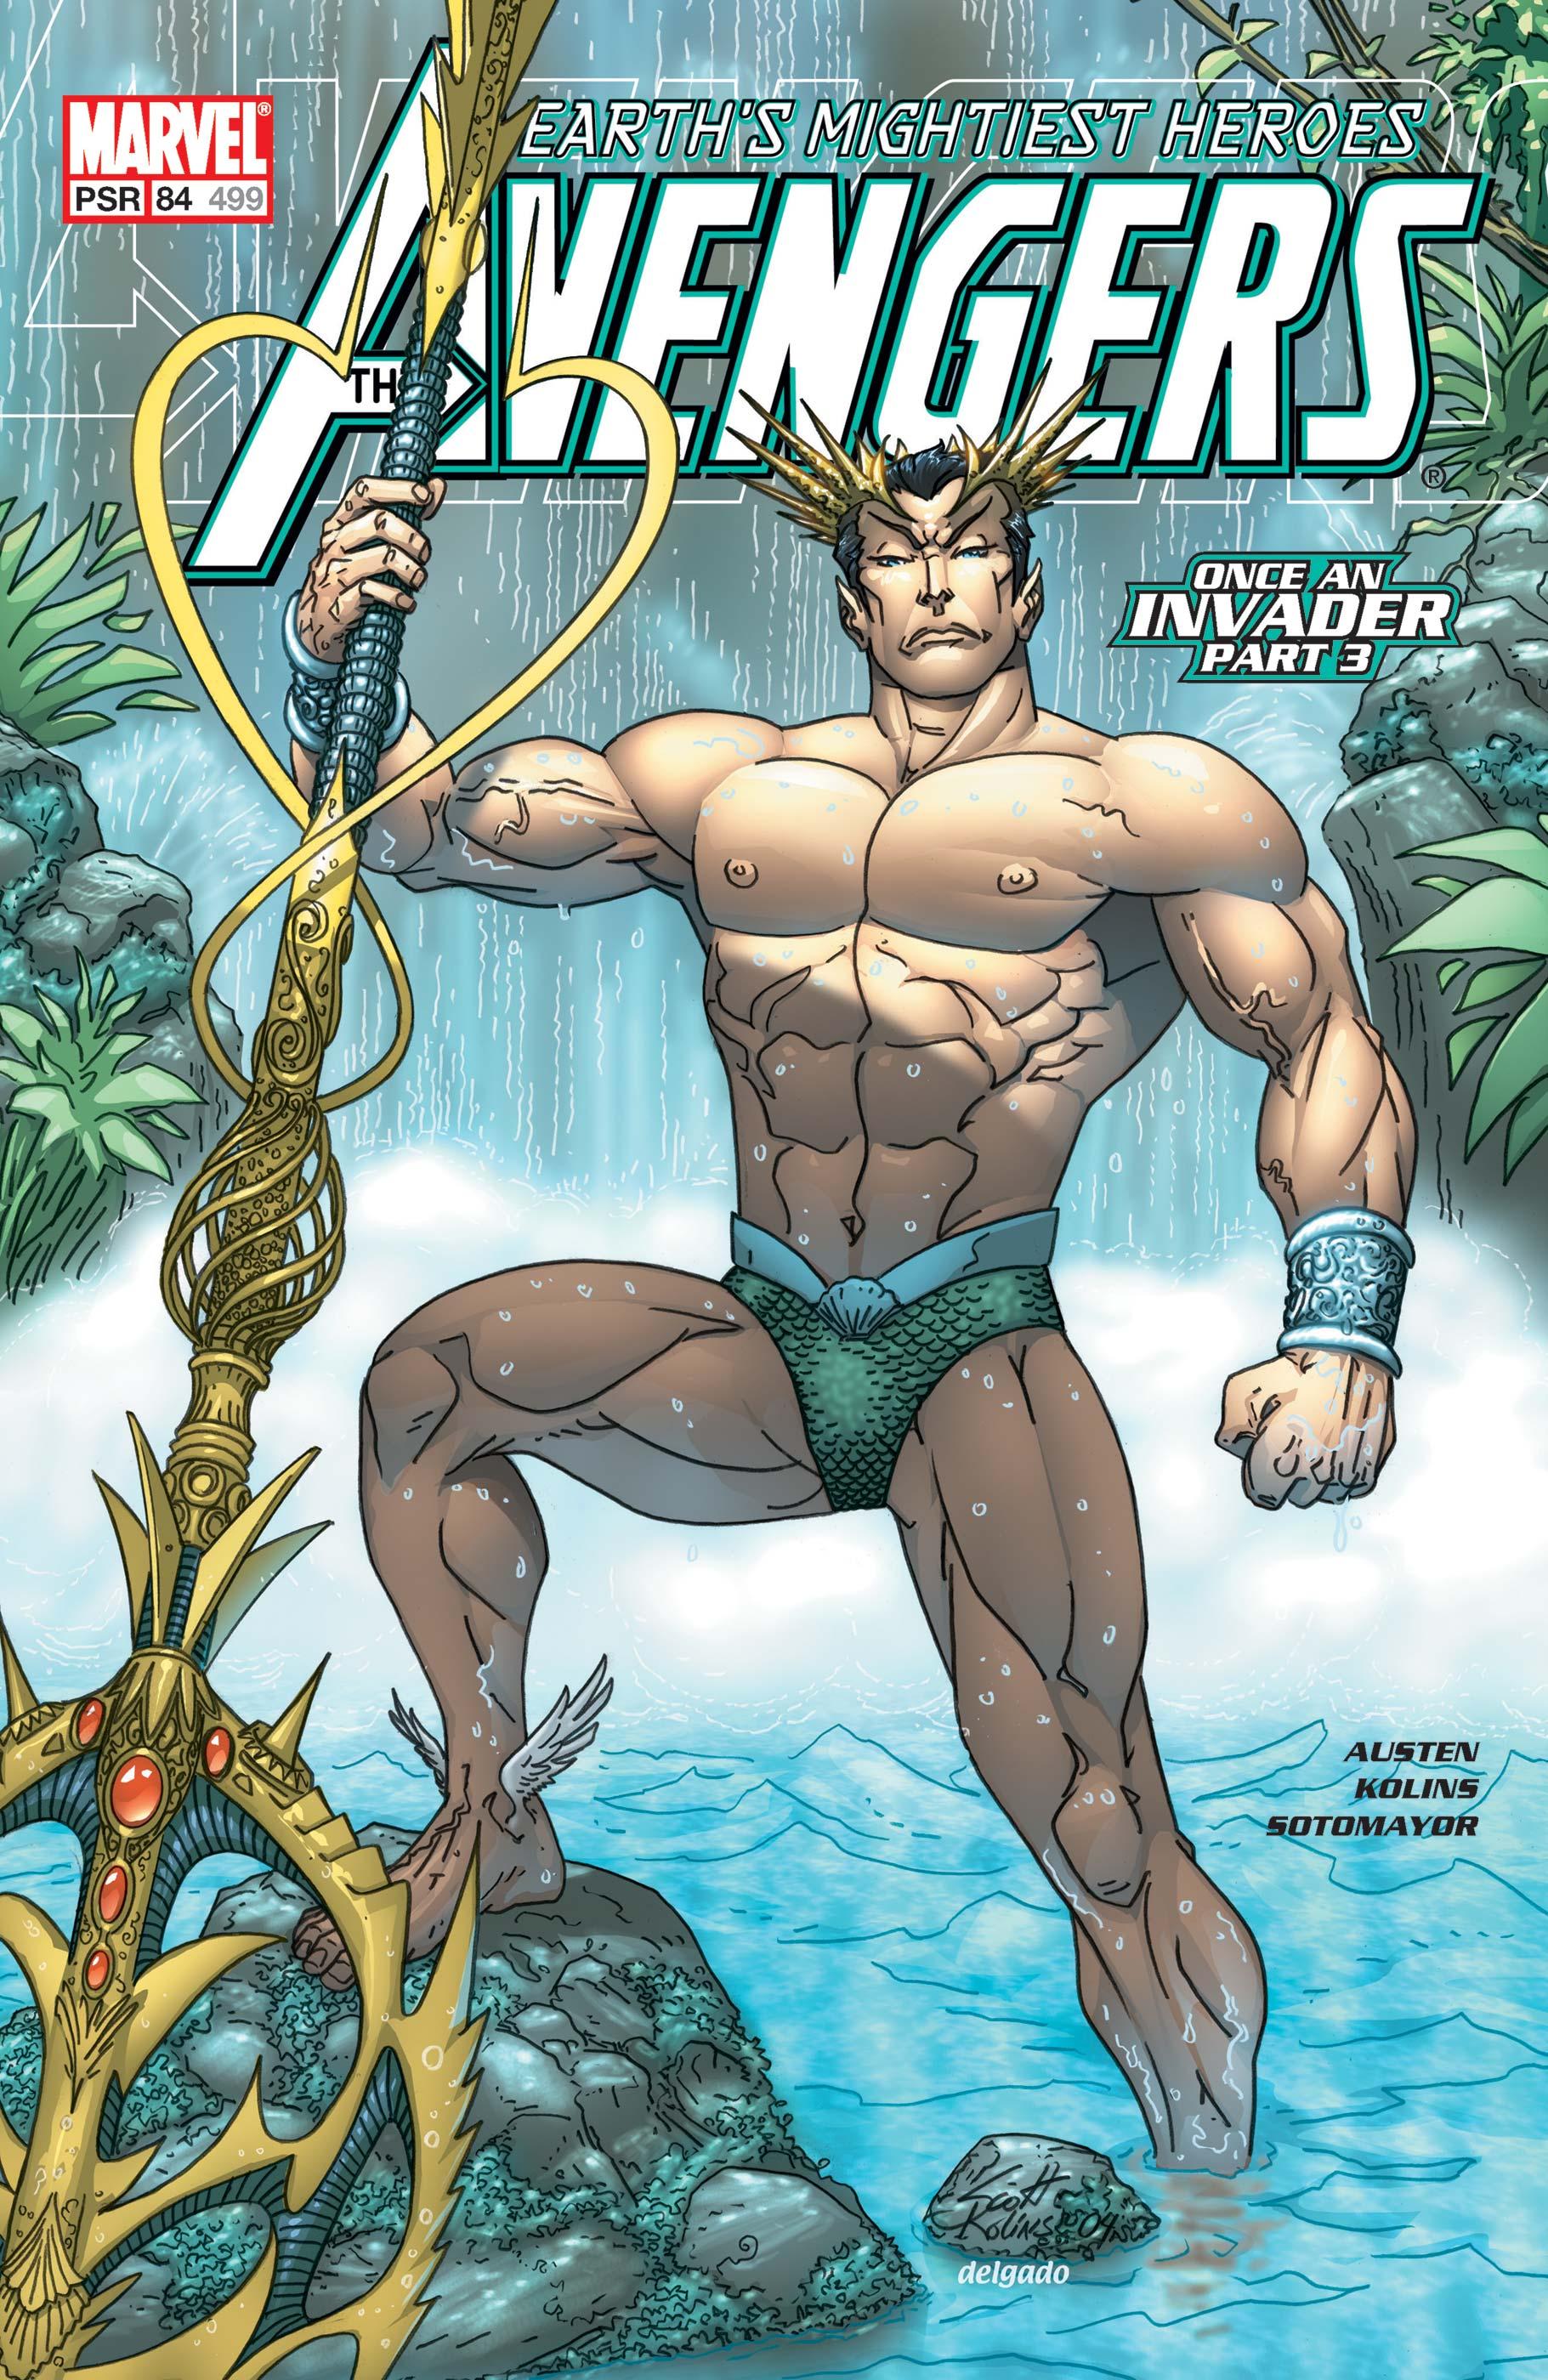 Avengers (1998) #84